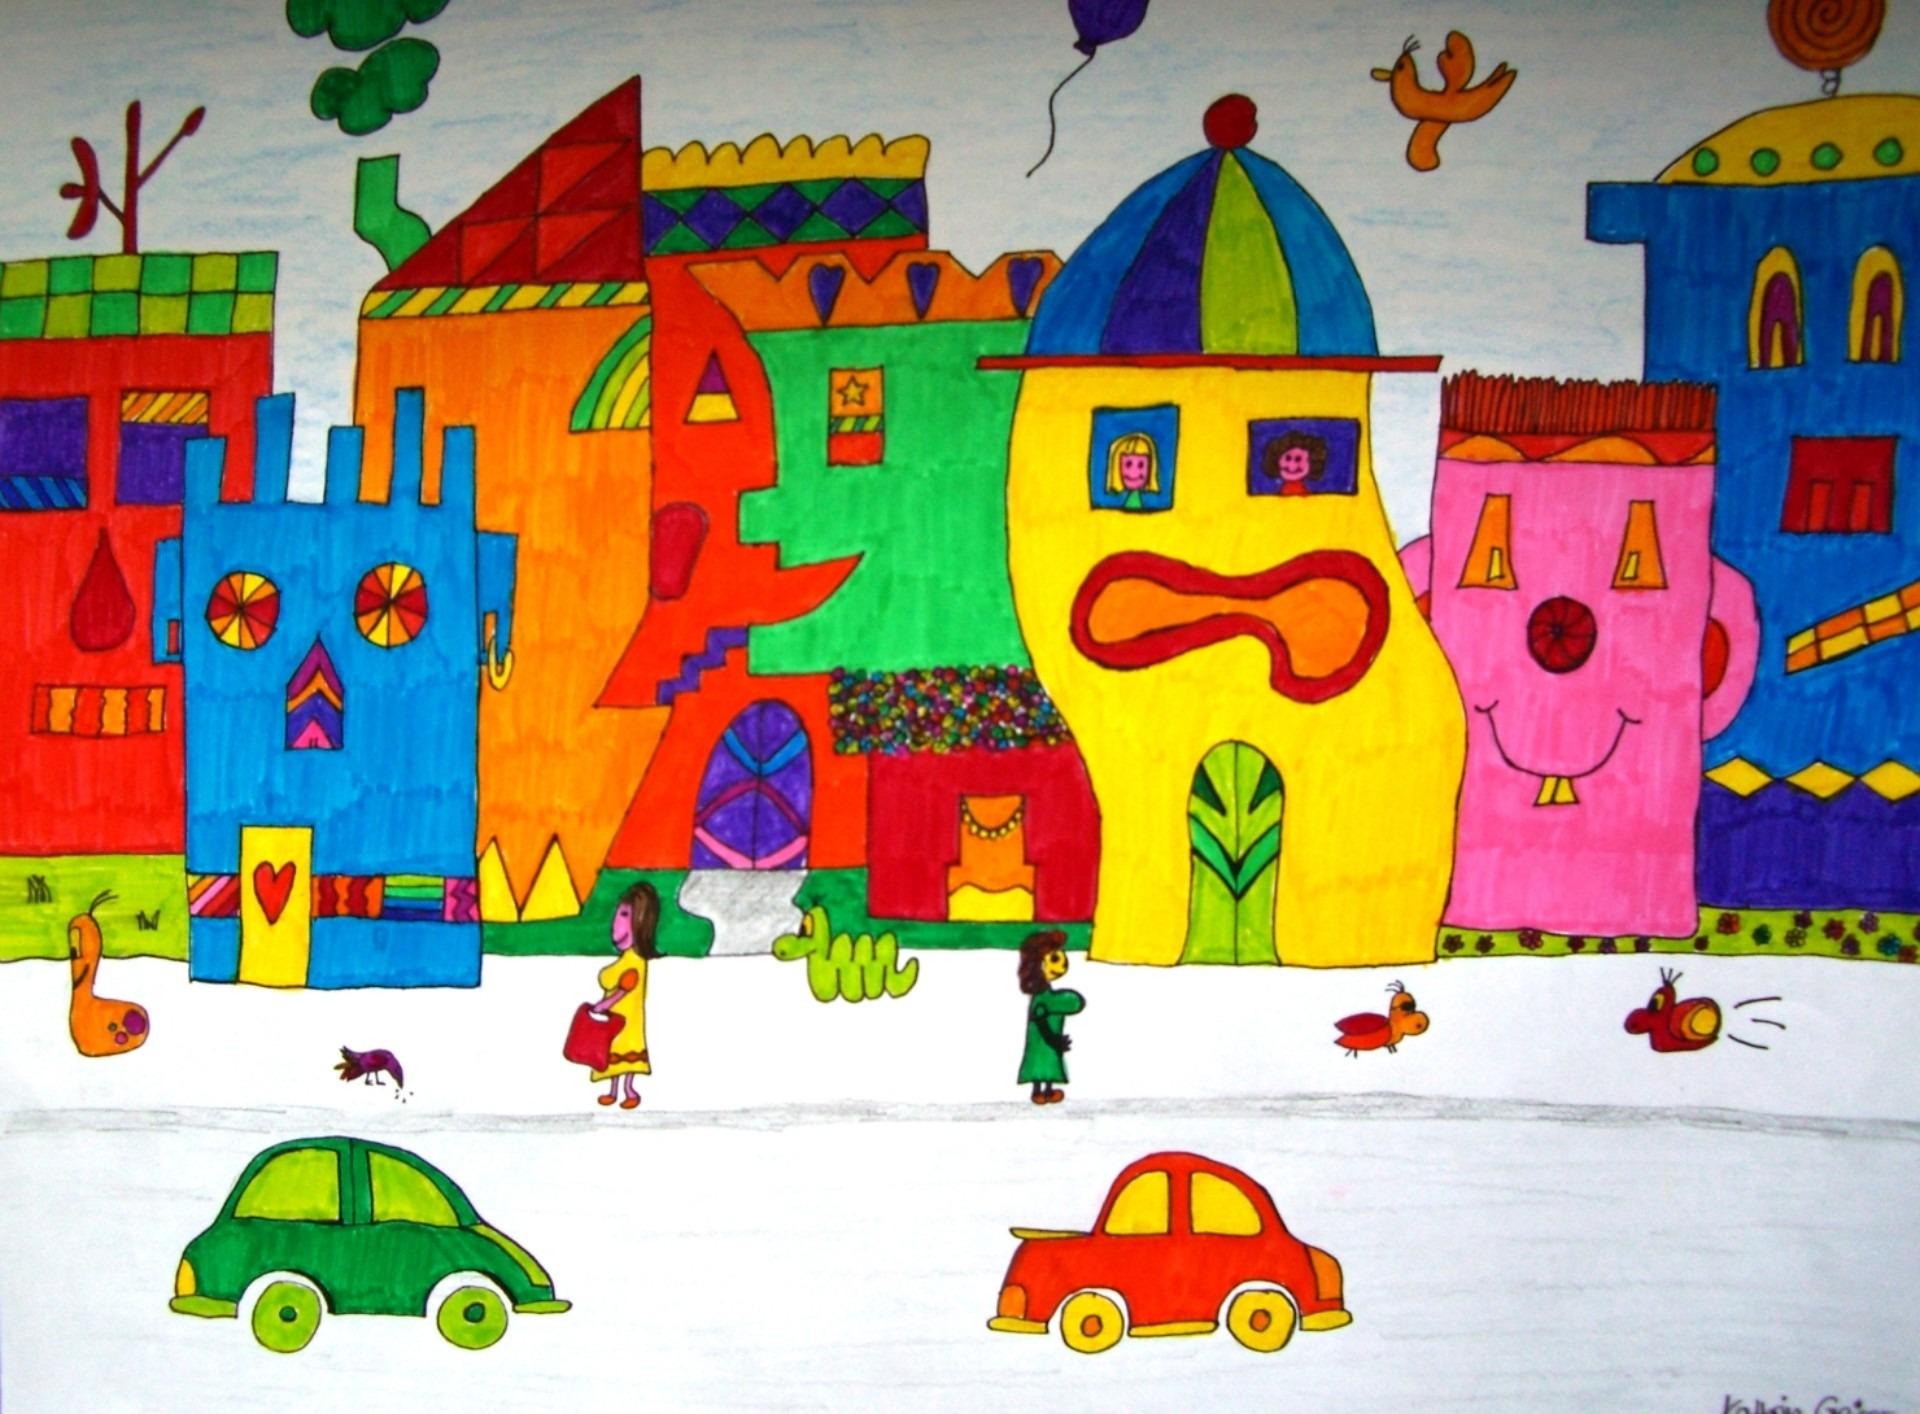 Gambar Ilustrasi Taman Bermain Gambar Bermain Warna Warna Warni Mainan Ilustrasi Lukisan